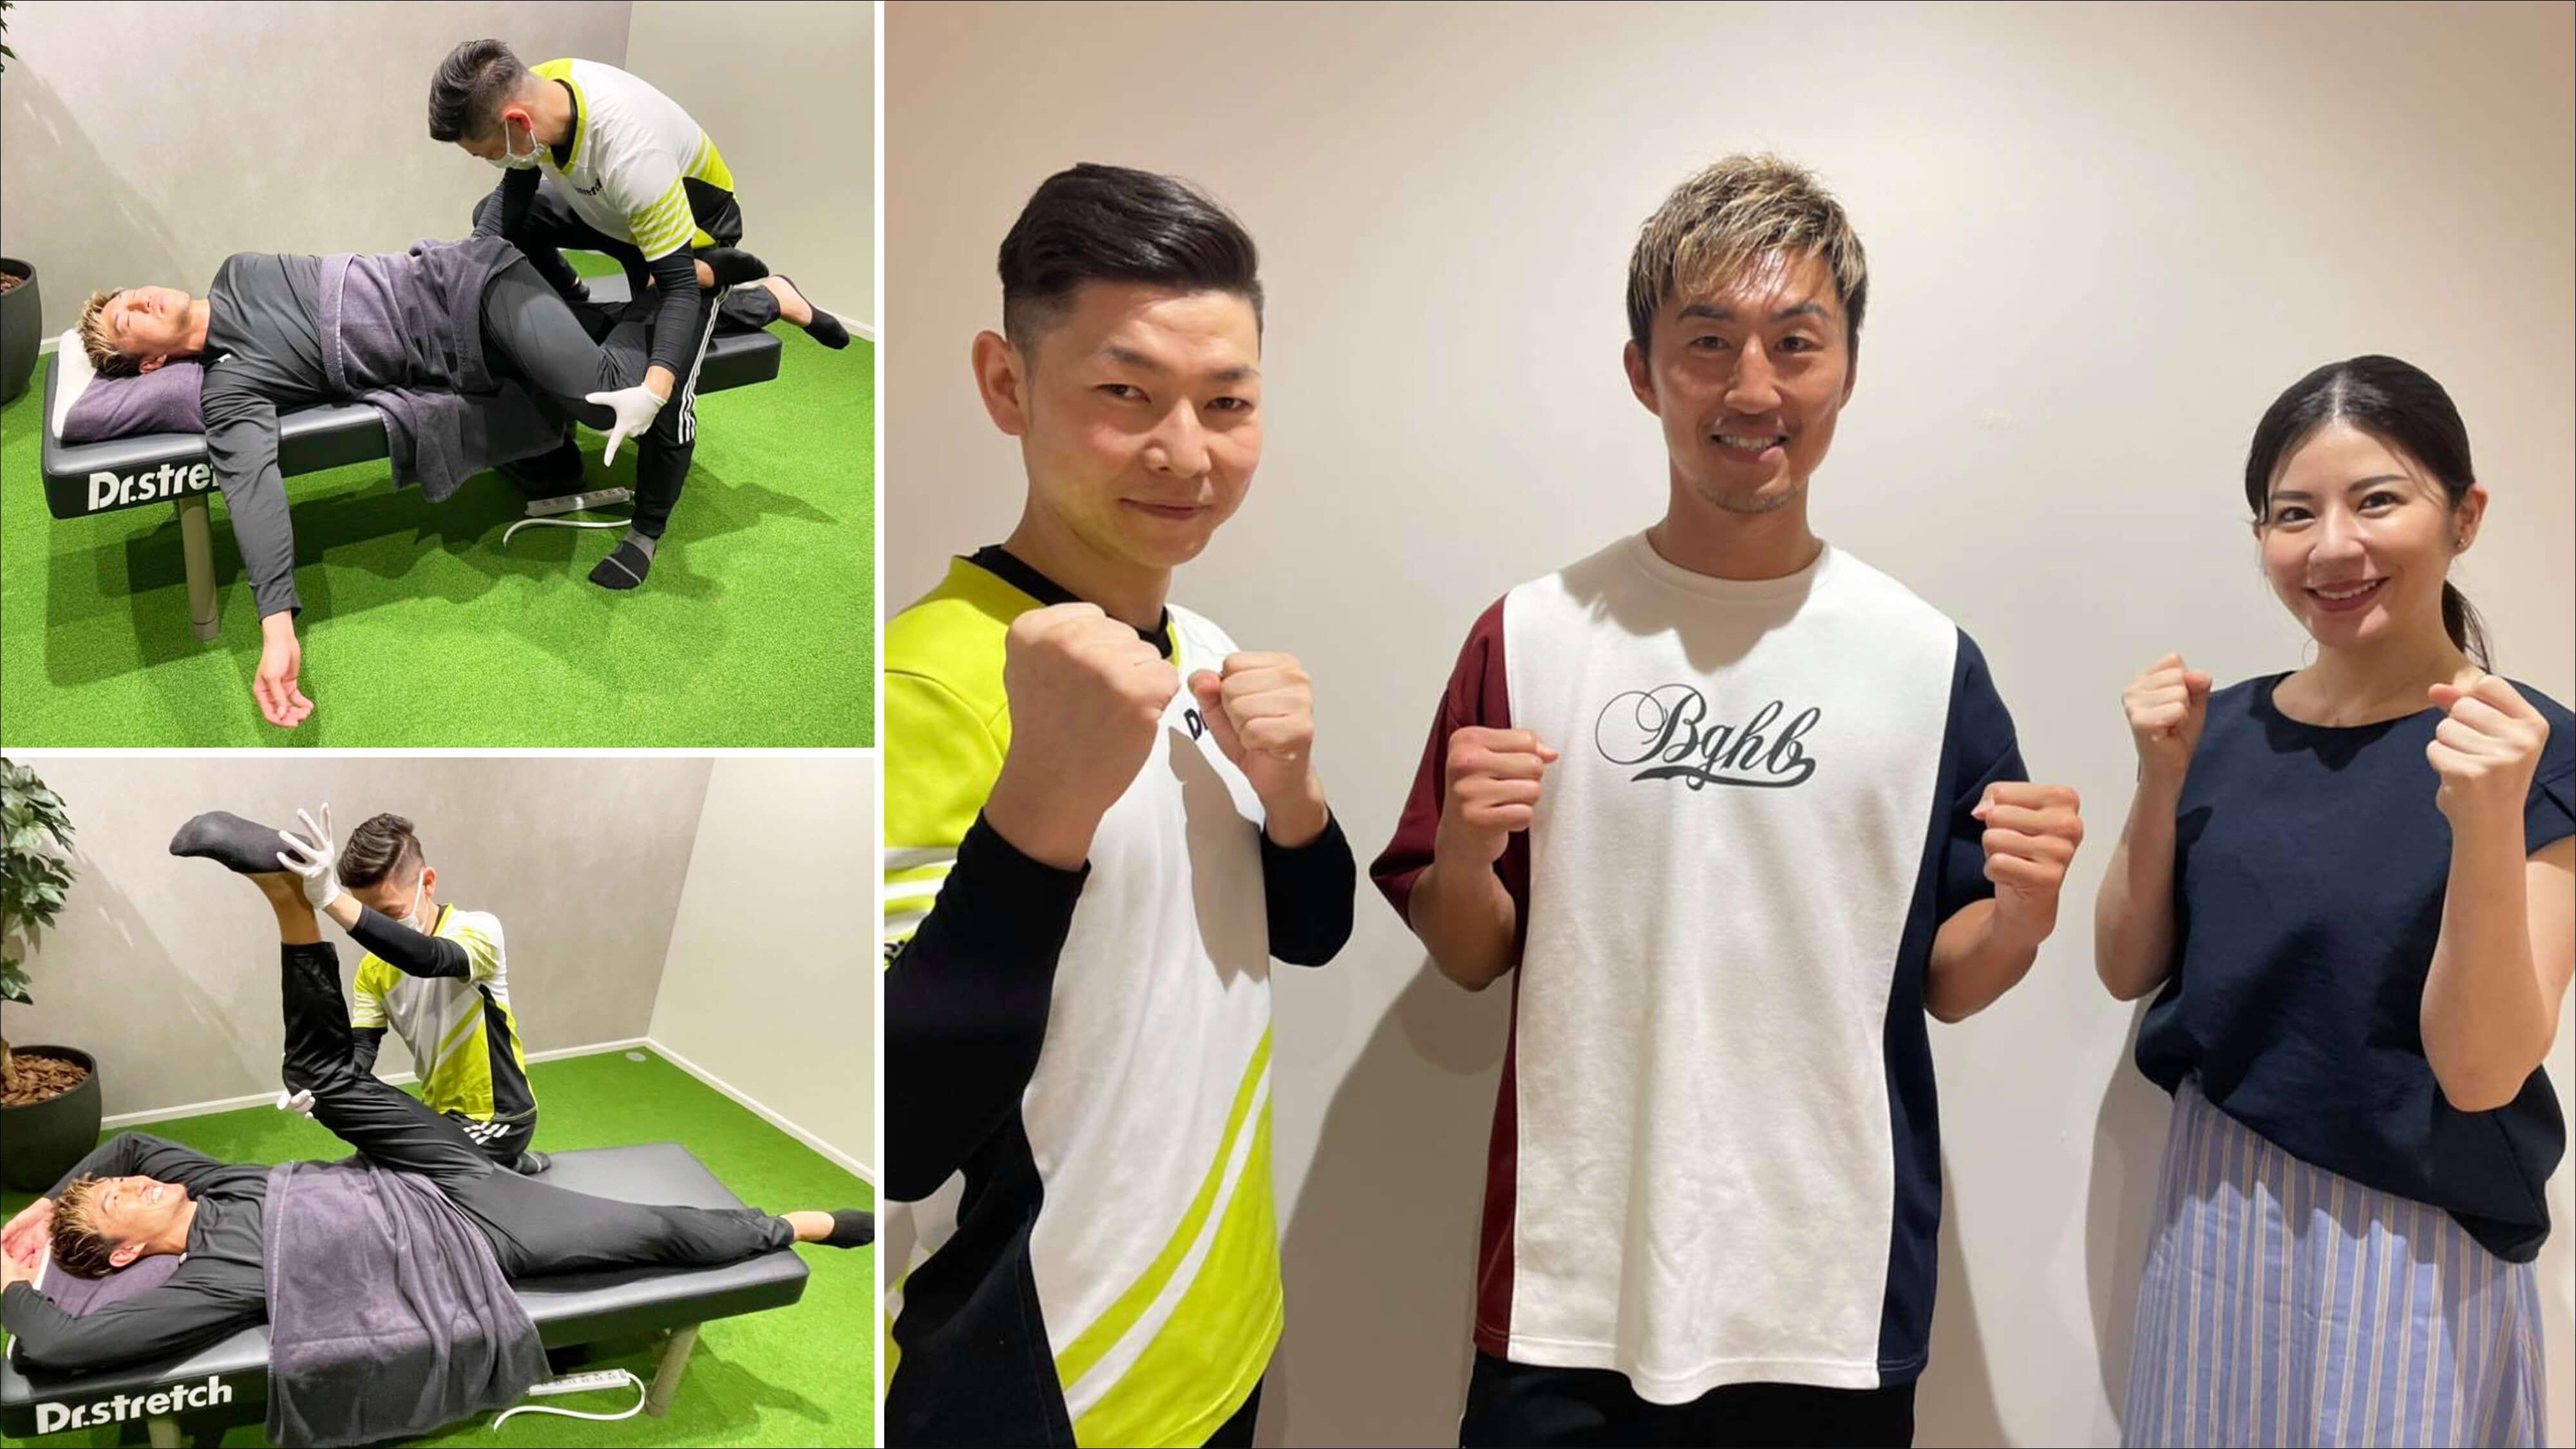 K-1世界王者の山崎秀晃選手が コアバランスストレッチを体感されました